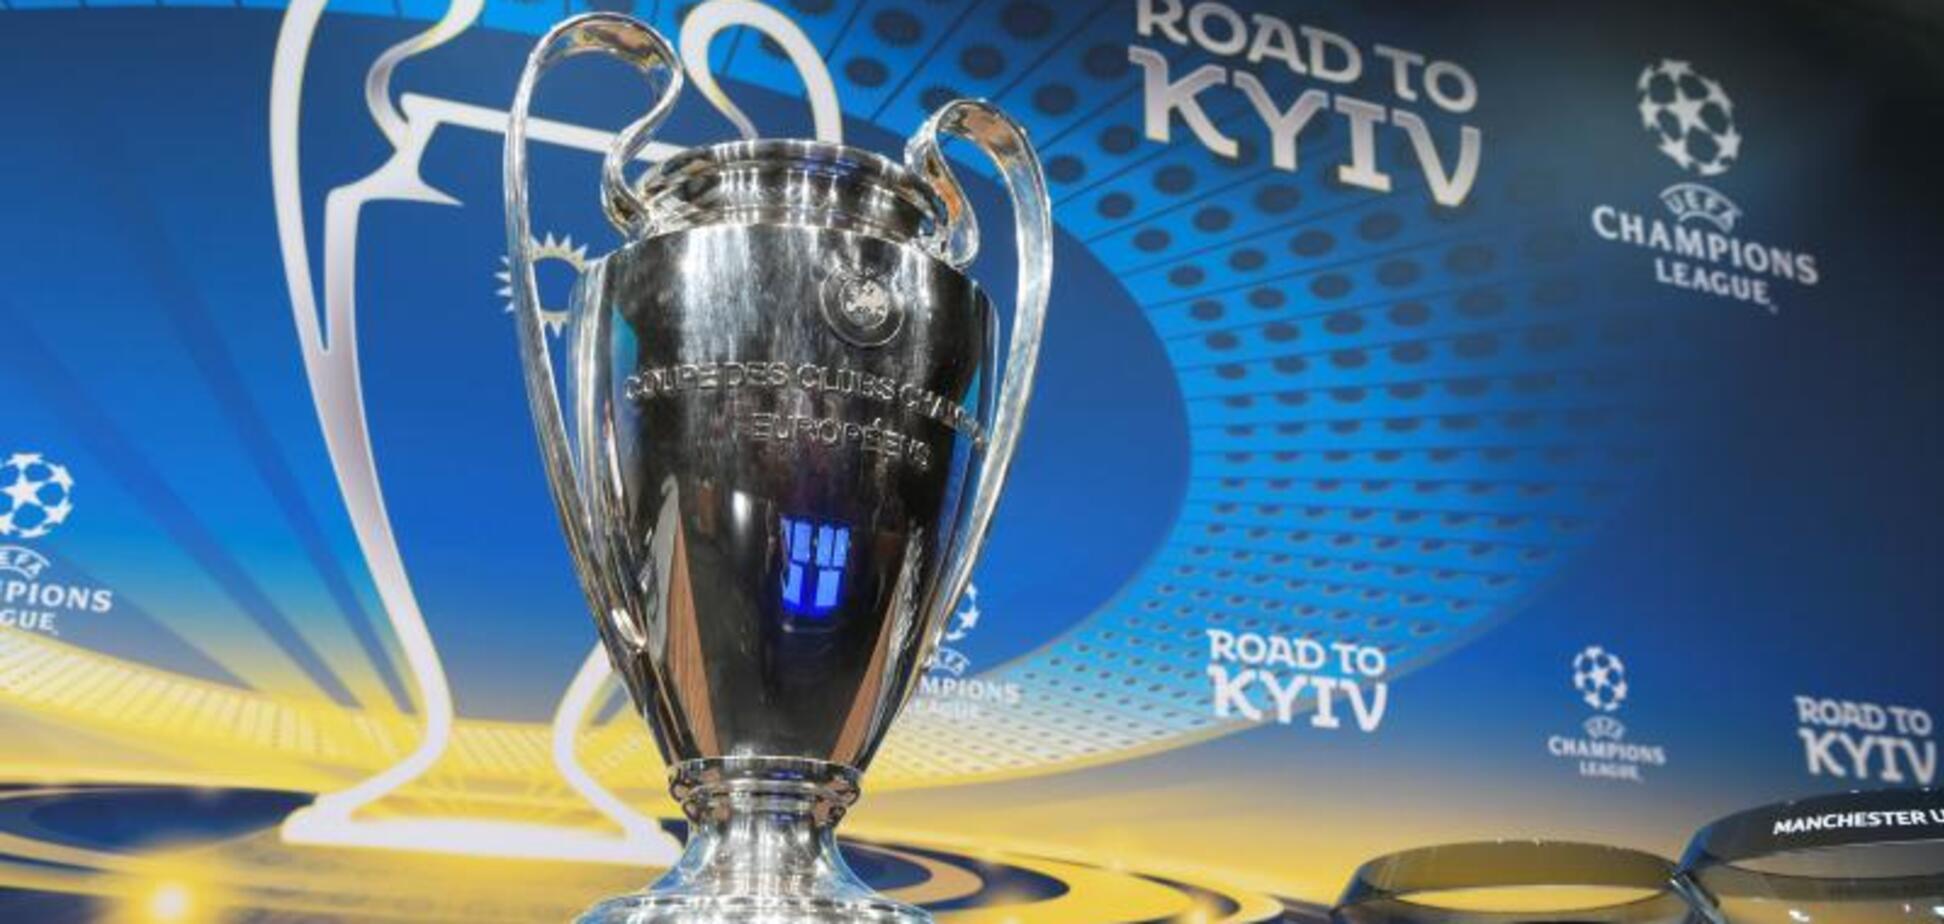 Состоялась жеребьевка 1/4 финала Лиги чемпионов: все результаты